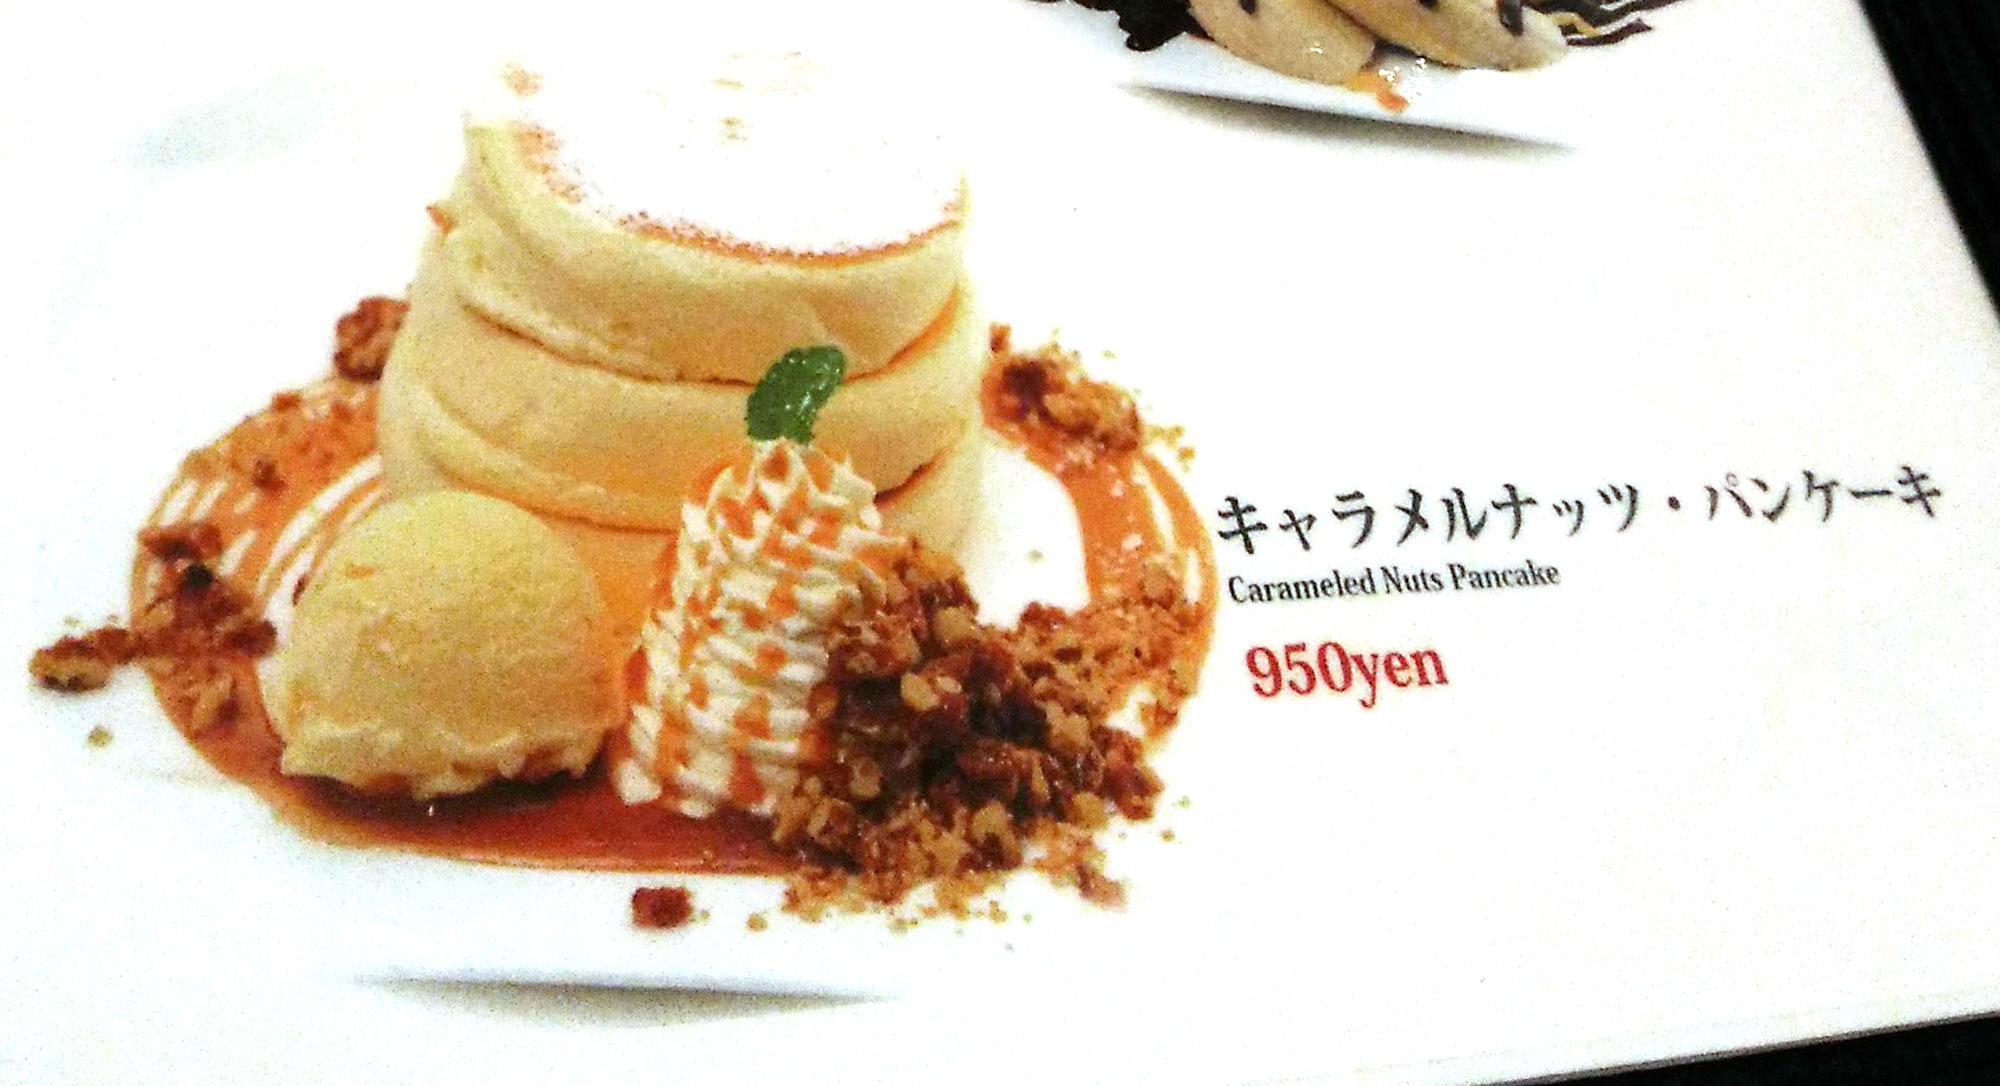 キャラメルナッツ・パンケーキ(950円)